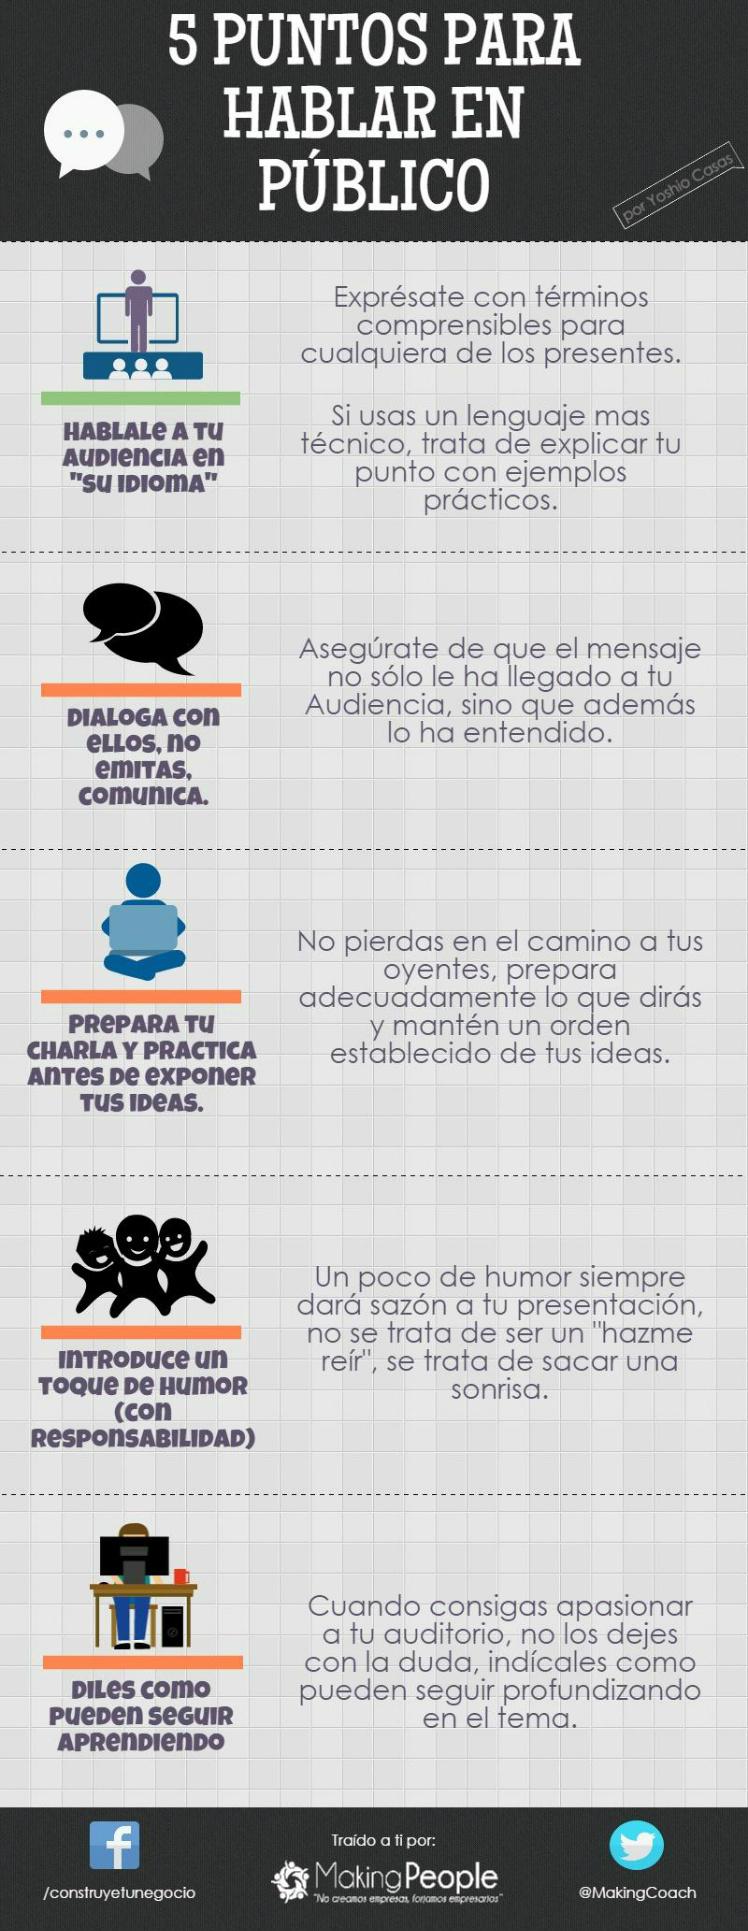 5 consejos para hablar en público